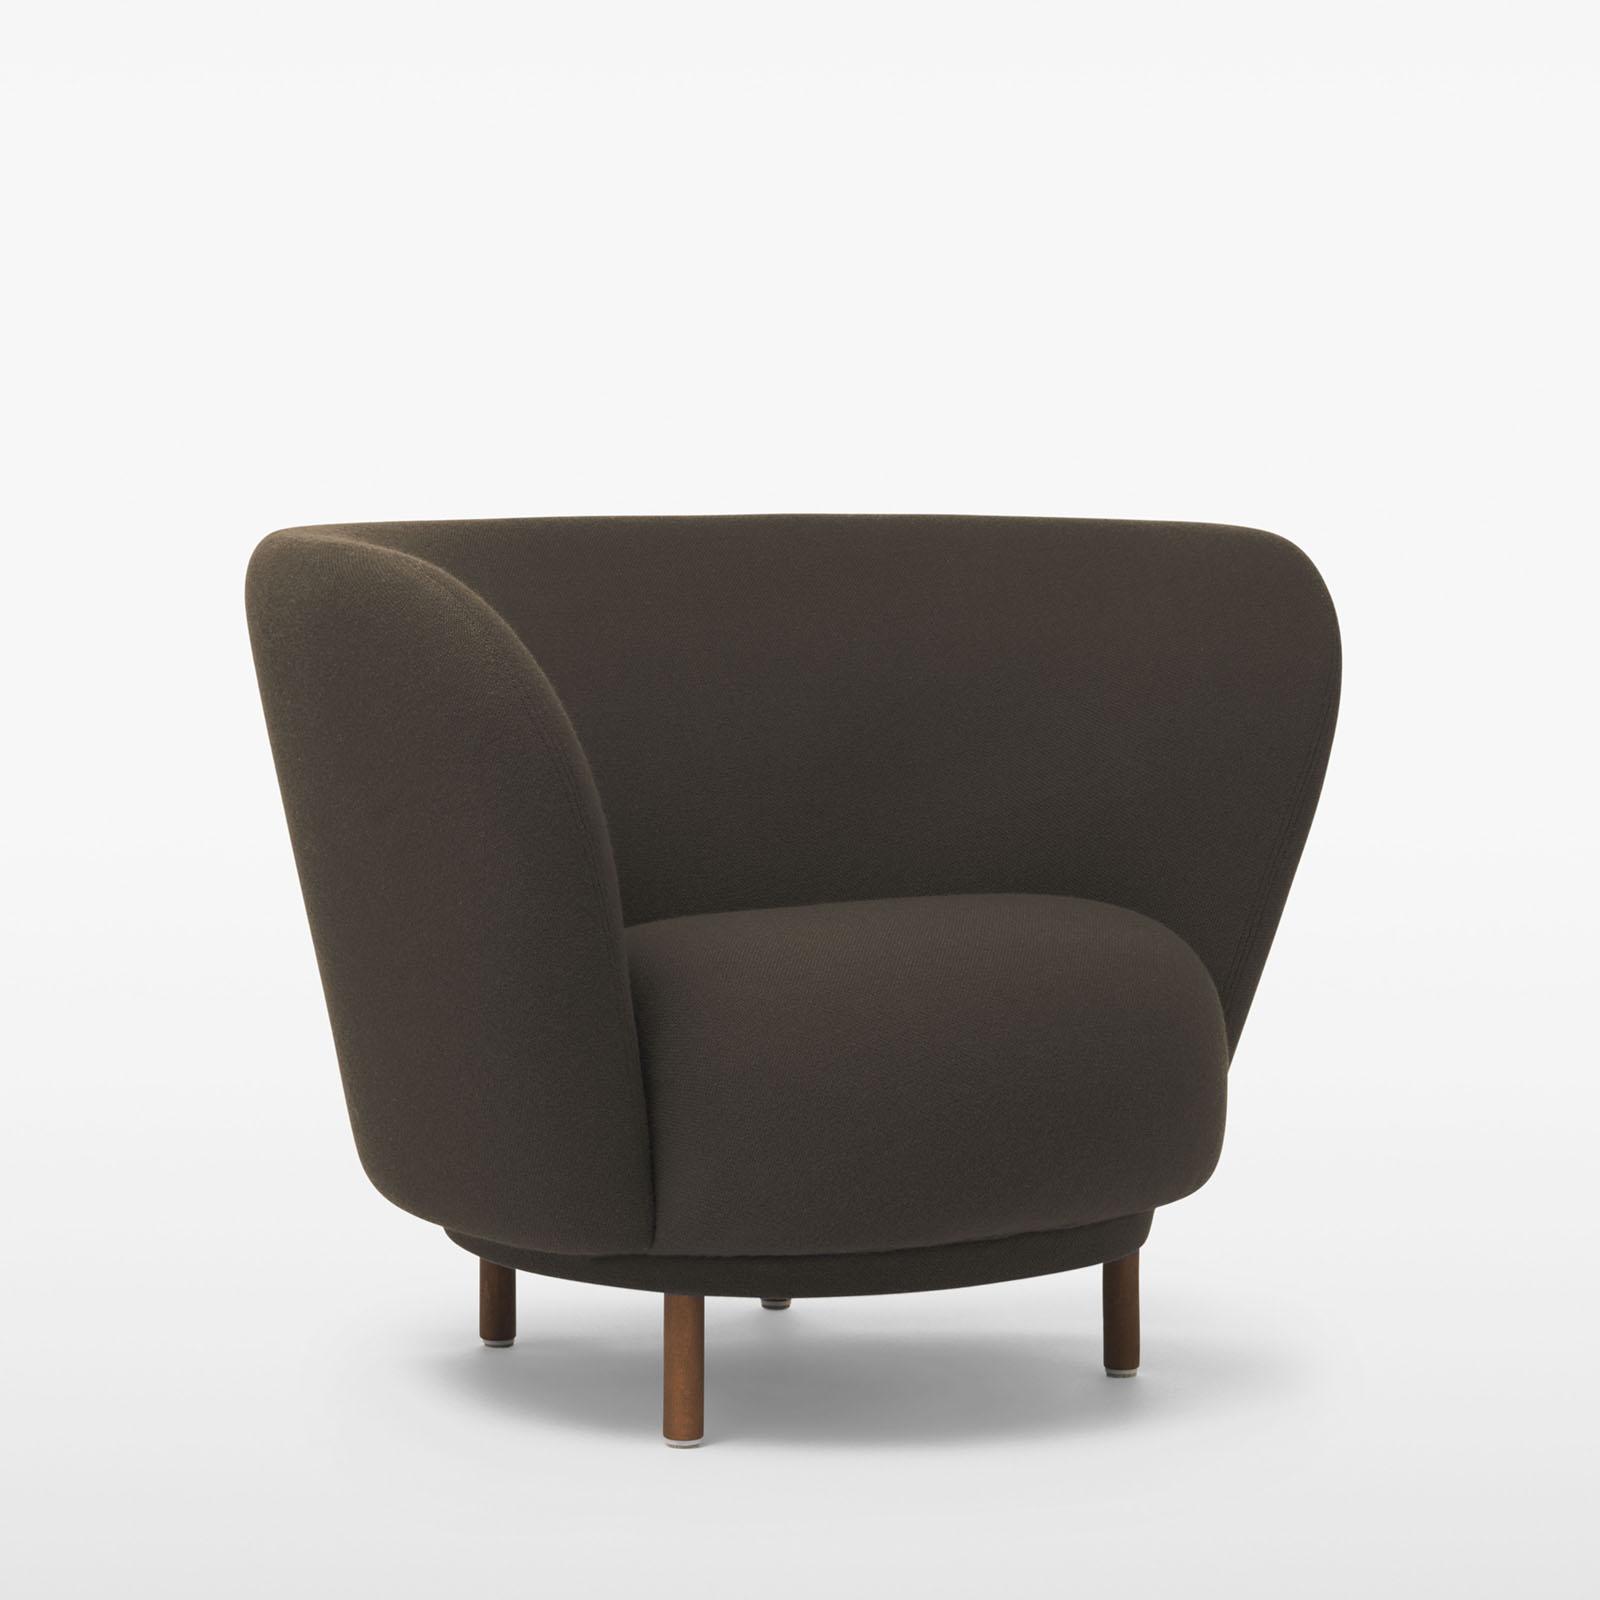 TinnappleMetz-massproductions-dandy-armchair-04